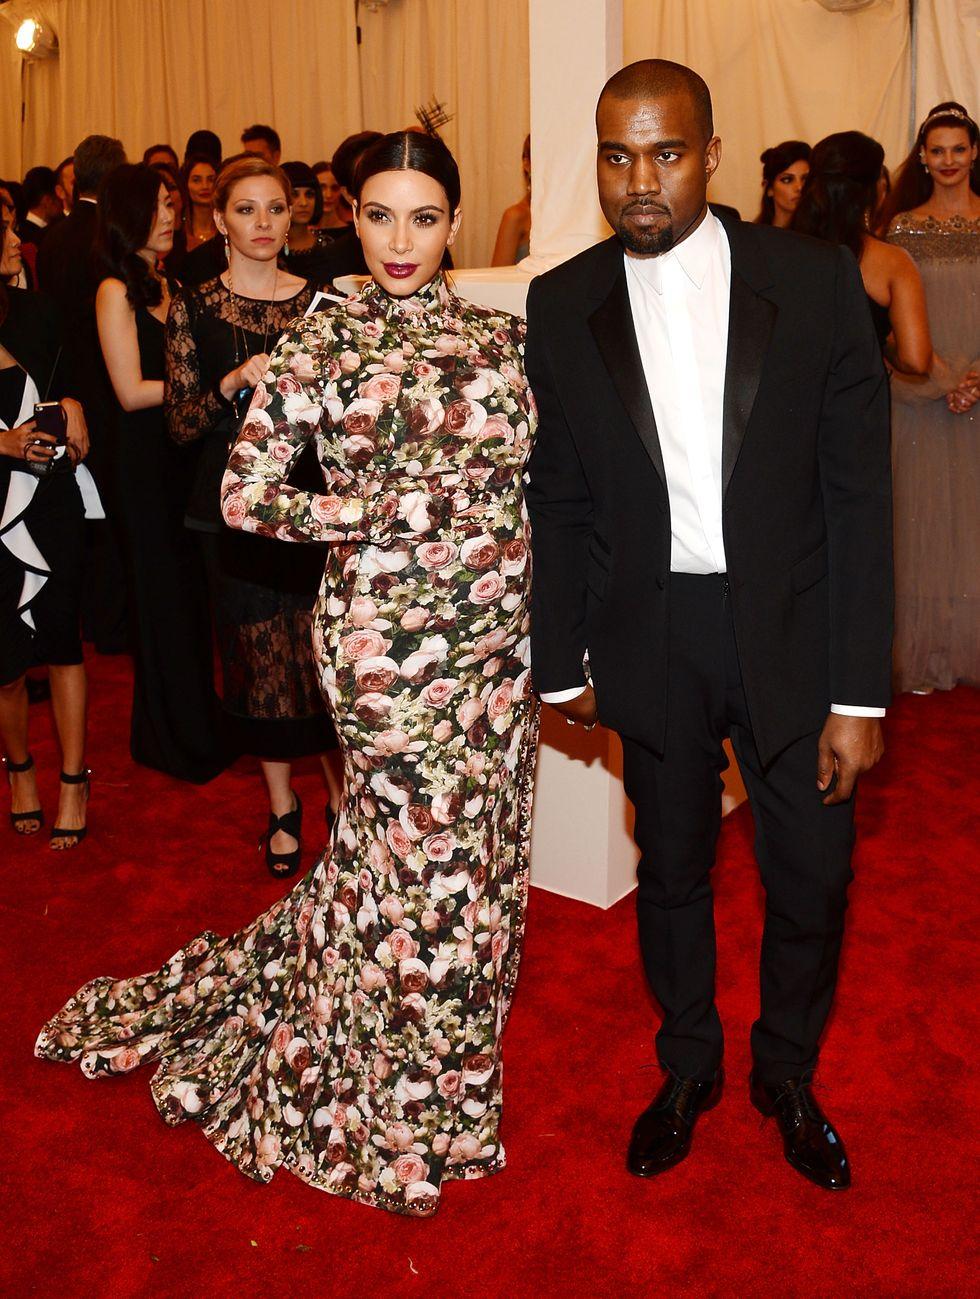 L'assurdo nome della figlia di Kim Kardashian